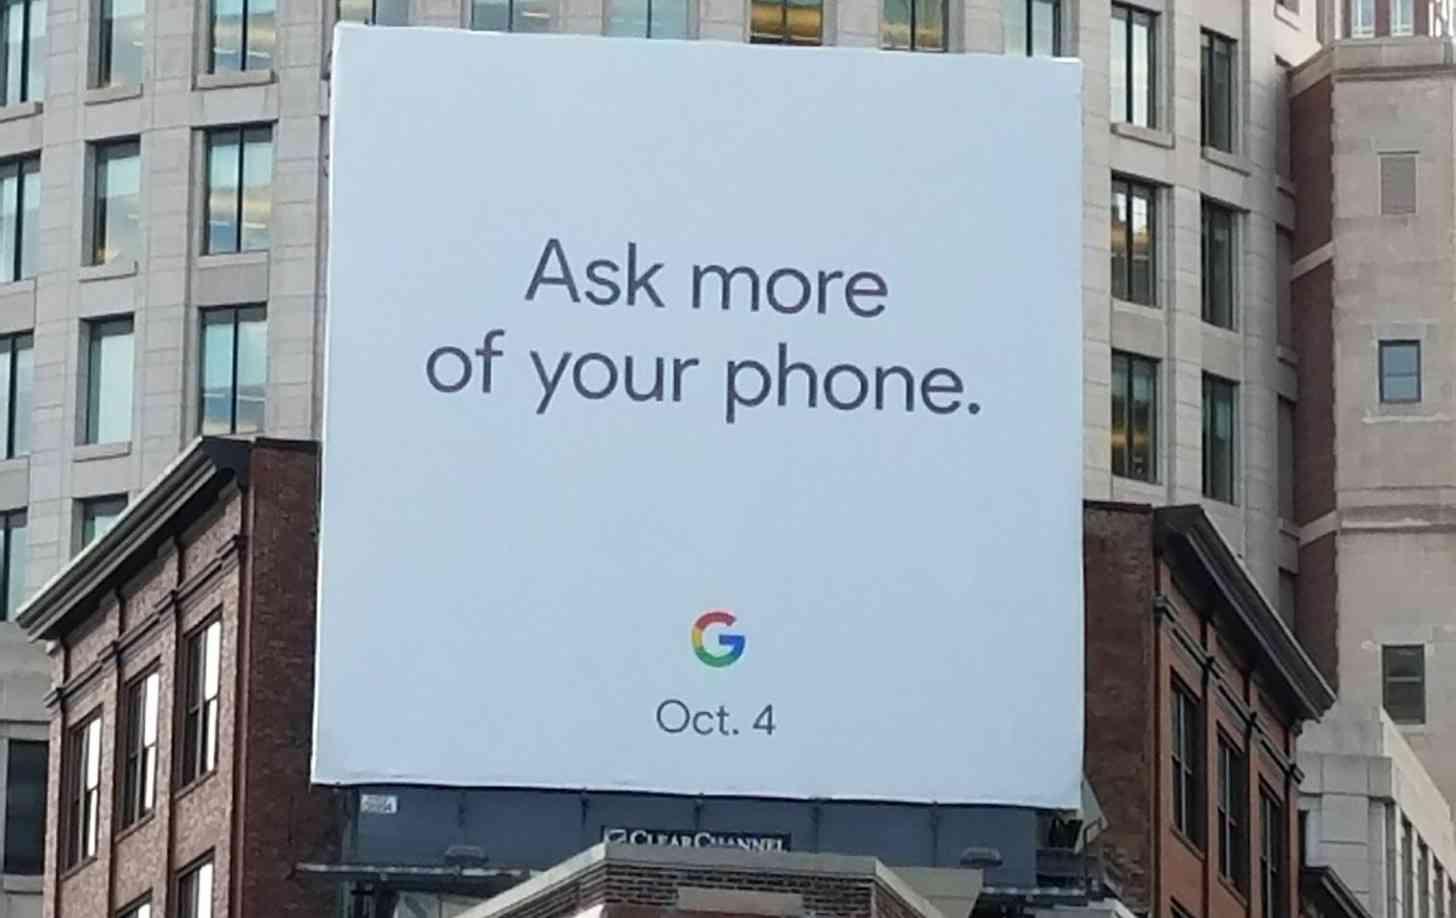 Google Pixel 2 event billboard October 4